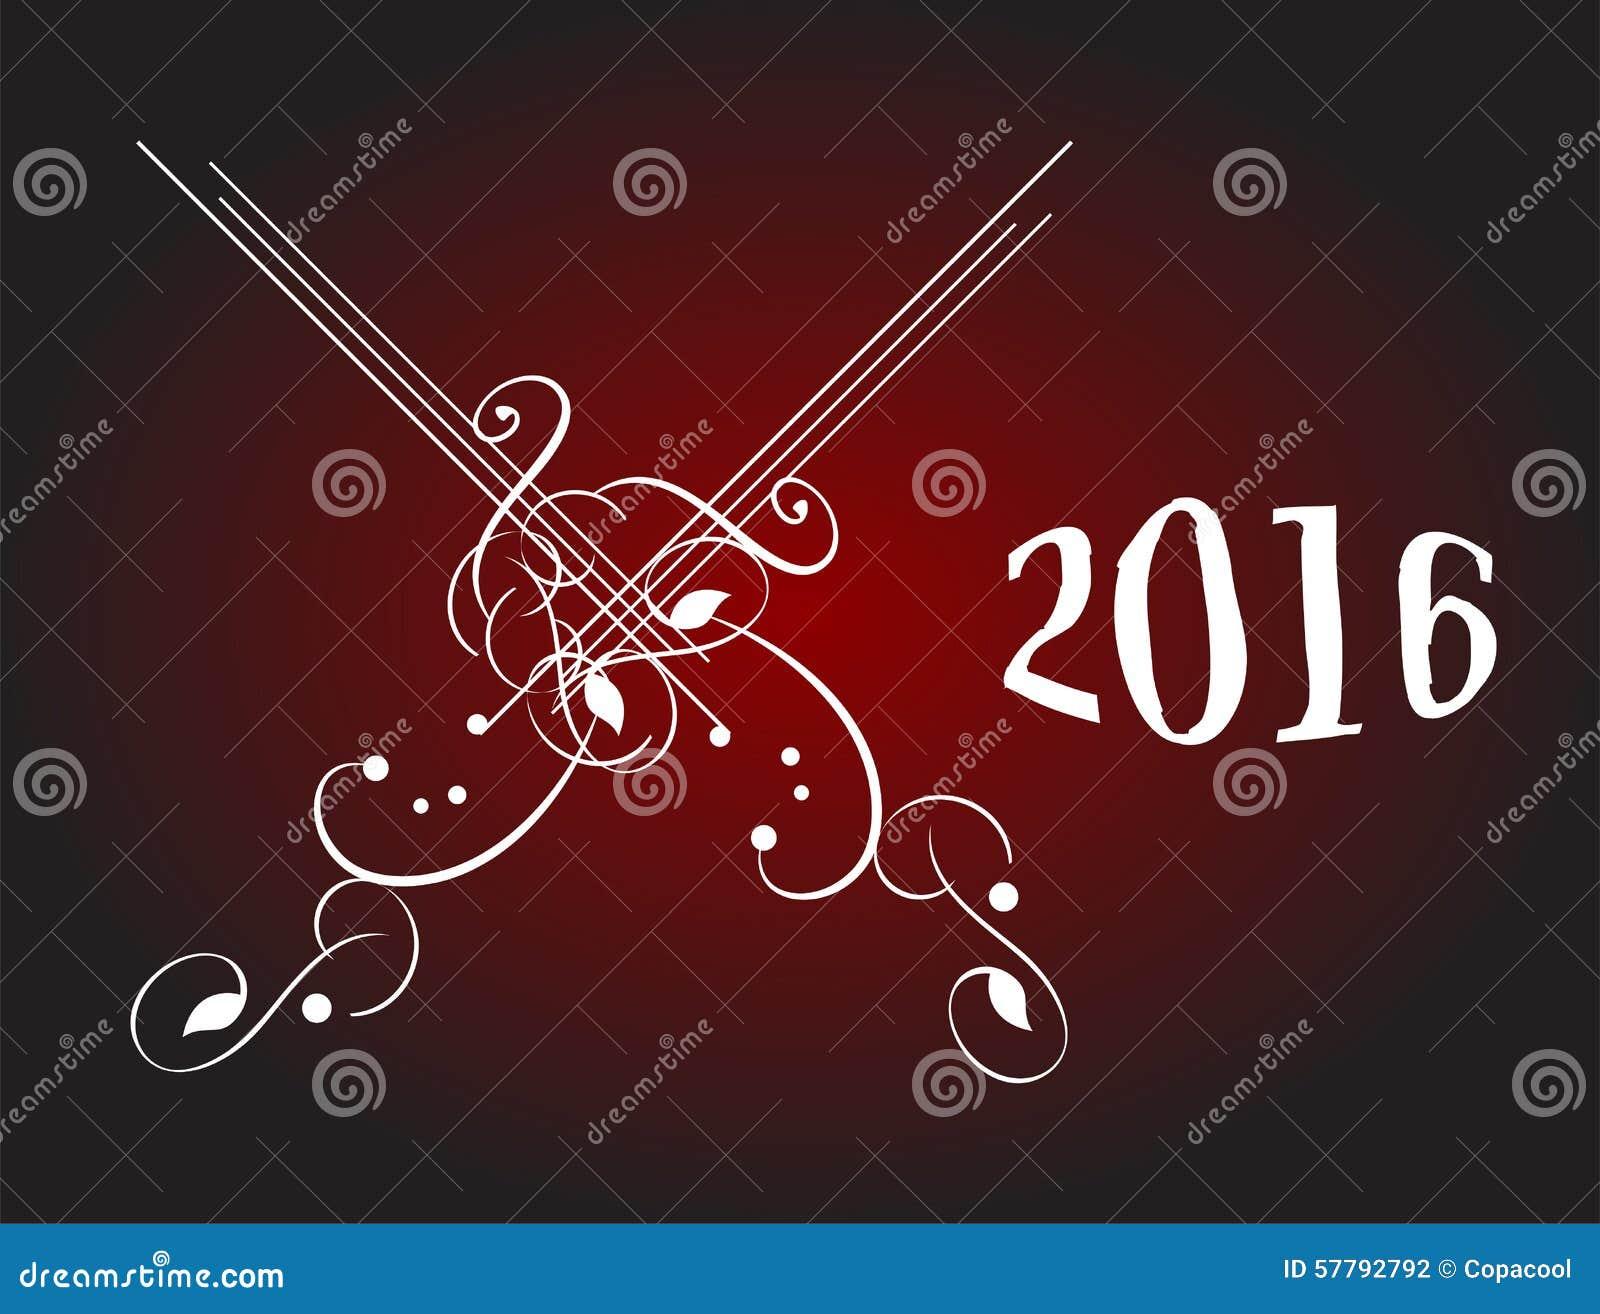 de abstracte gouden achtergrond van kerstmis nieuwe jaar uitnodiging 57792792 - Glans Behang